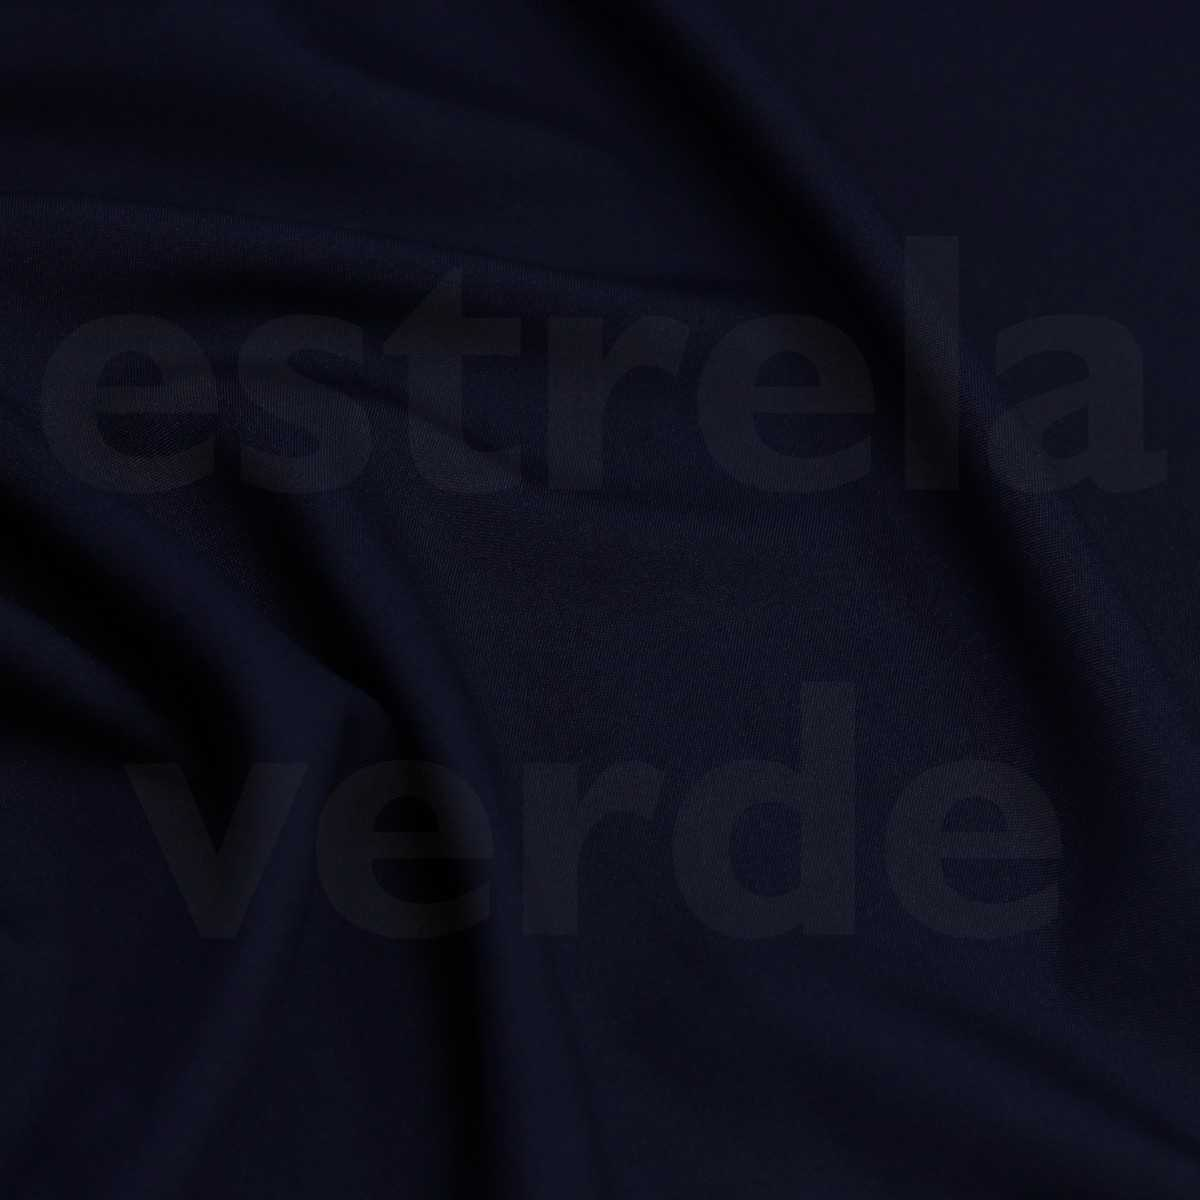 Oxford 974 Azul Marinho Noite 220gr 1,50larg  - Estrela Verde